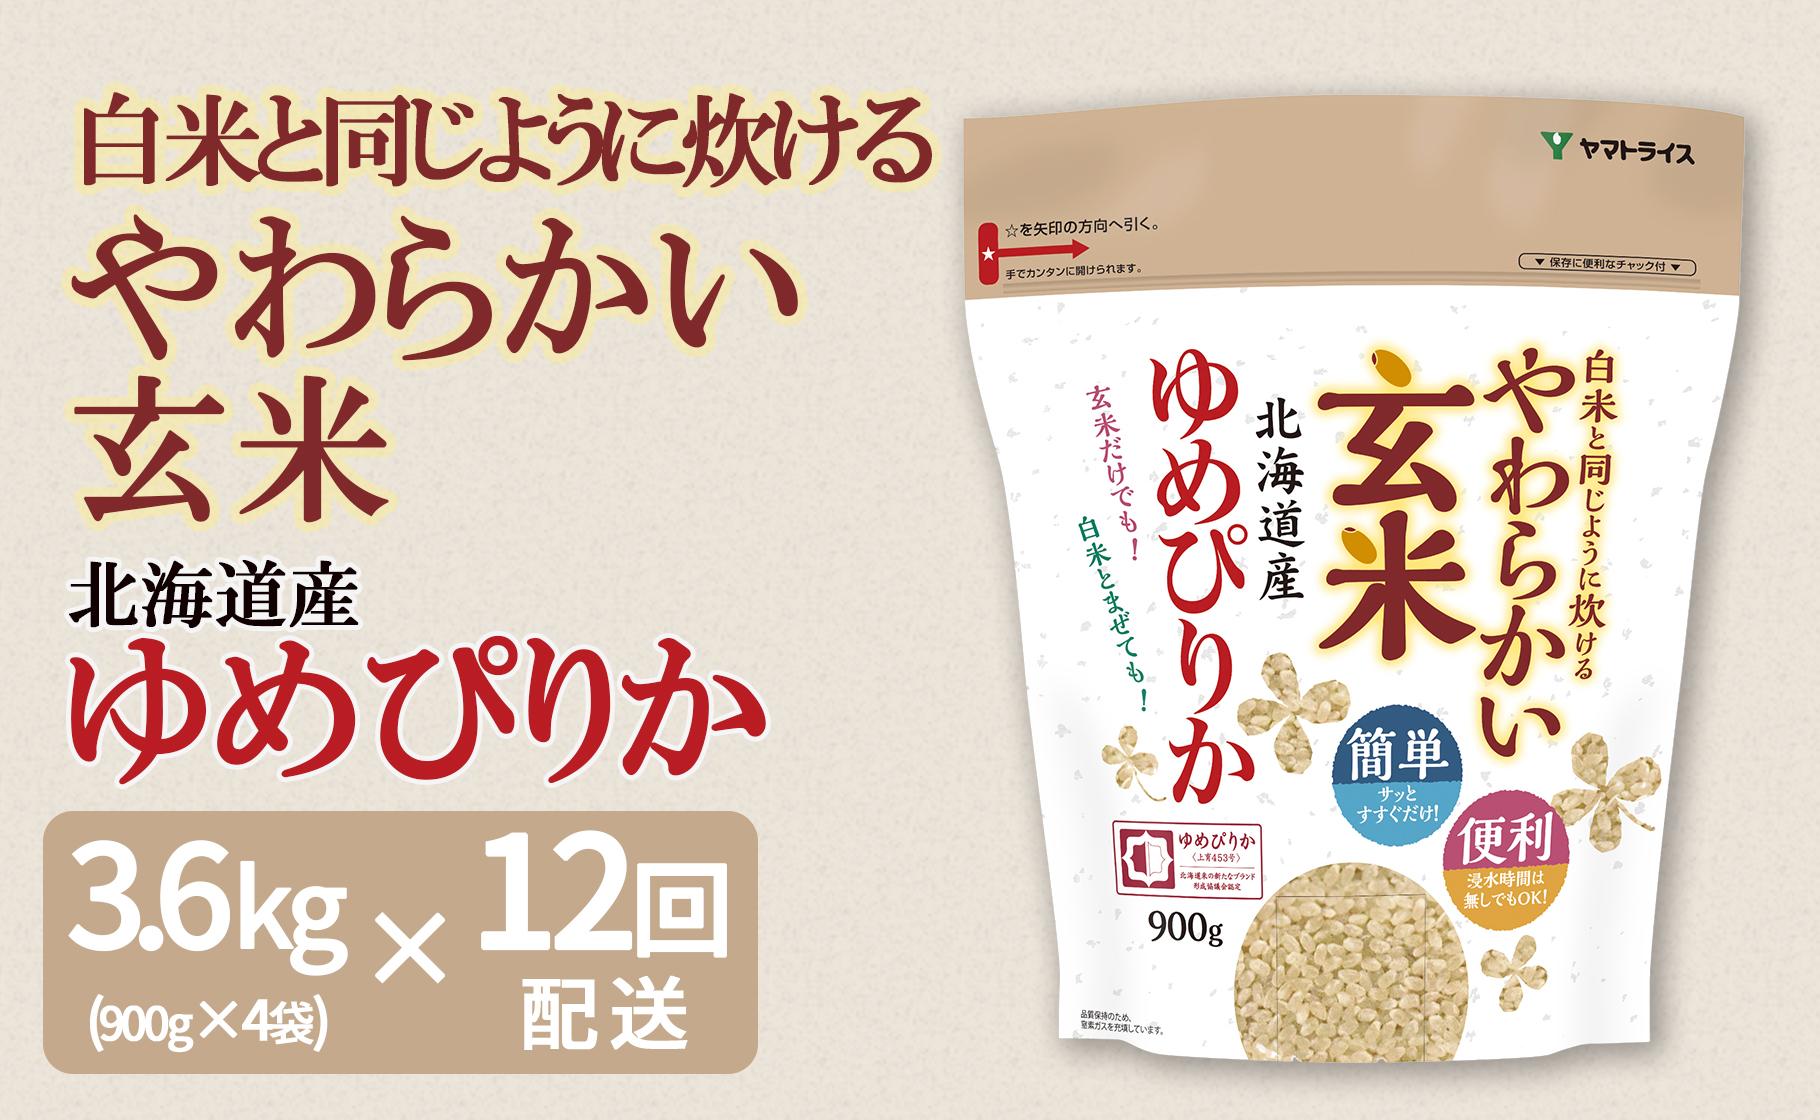 やわらかい玄米 ゆめぴりか 900g×4袋 ※定期便12回 安心安全なヤマトライス H074-130